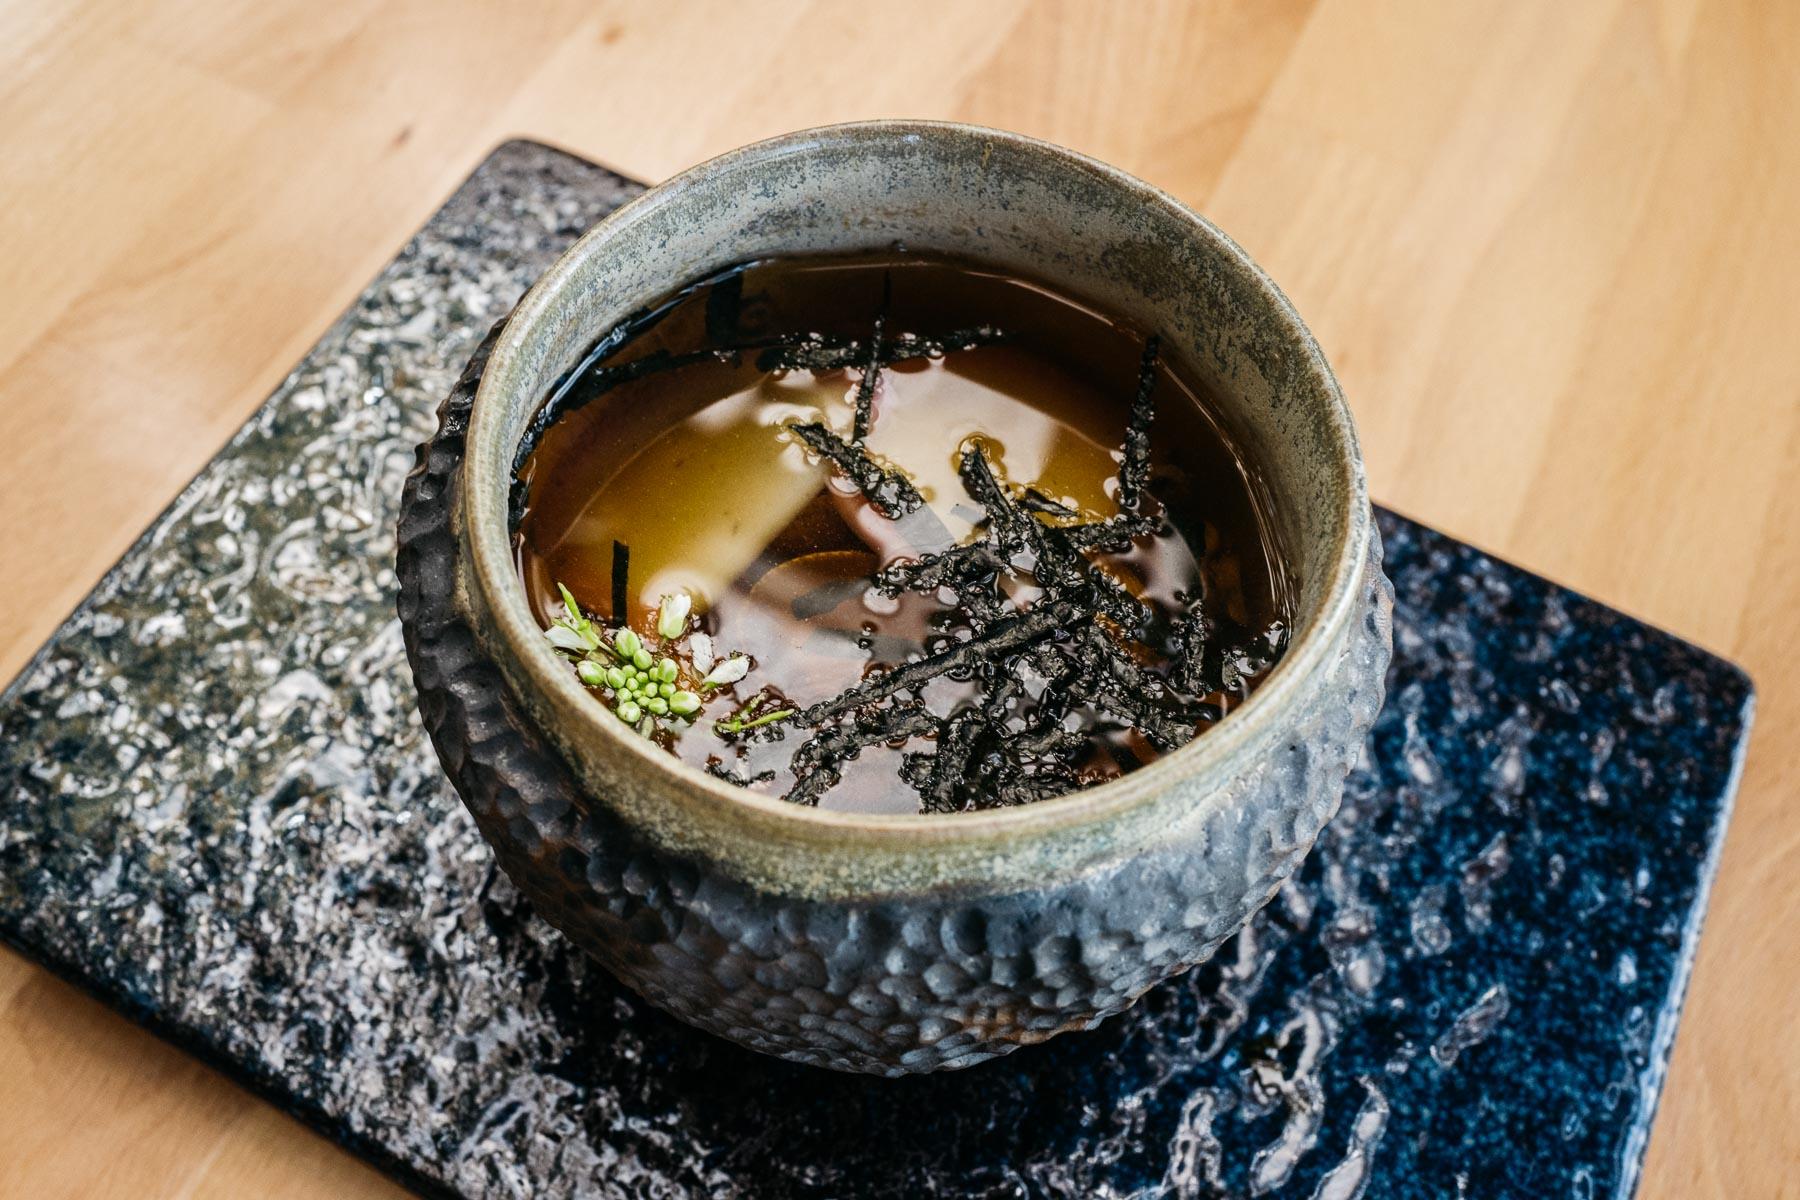 hamaguri no osuimono (suimono z sercówkami)